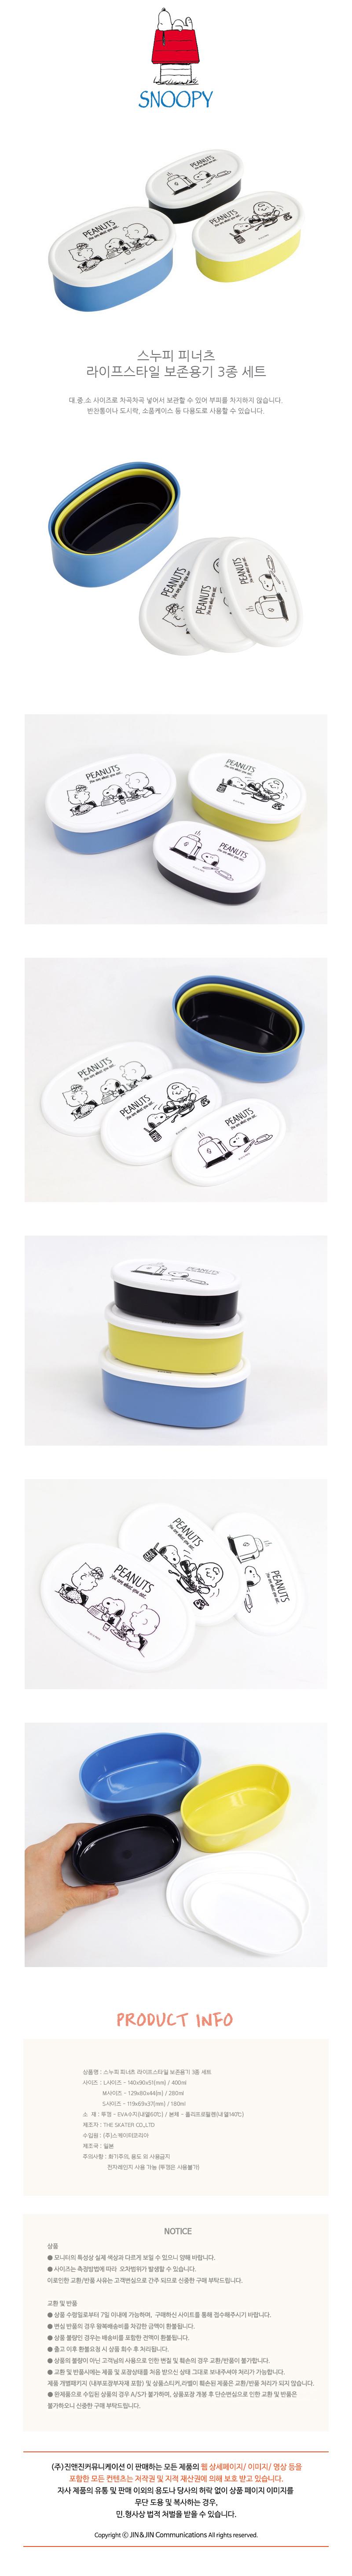 스누피 피너츠 라이프스타일 보존용기 3종 세트 - 스케이터재팬, 9,100원, 피크닉도시락/식기, 피크닉도시락통